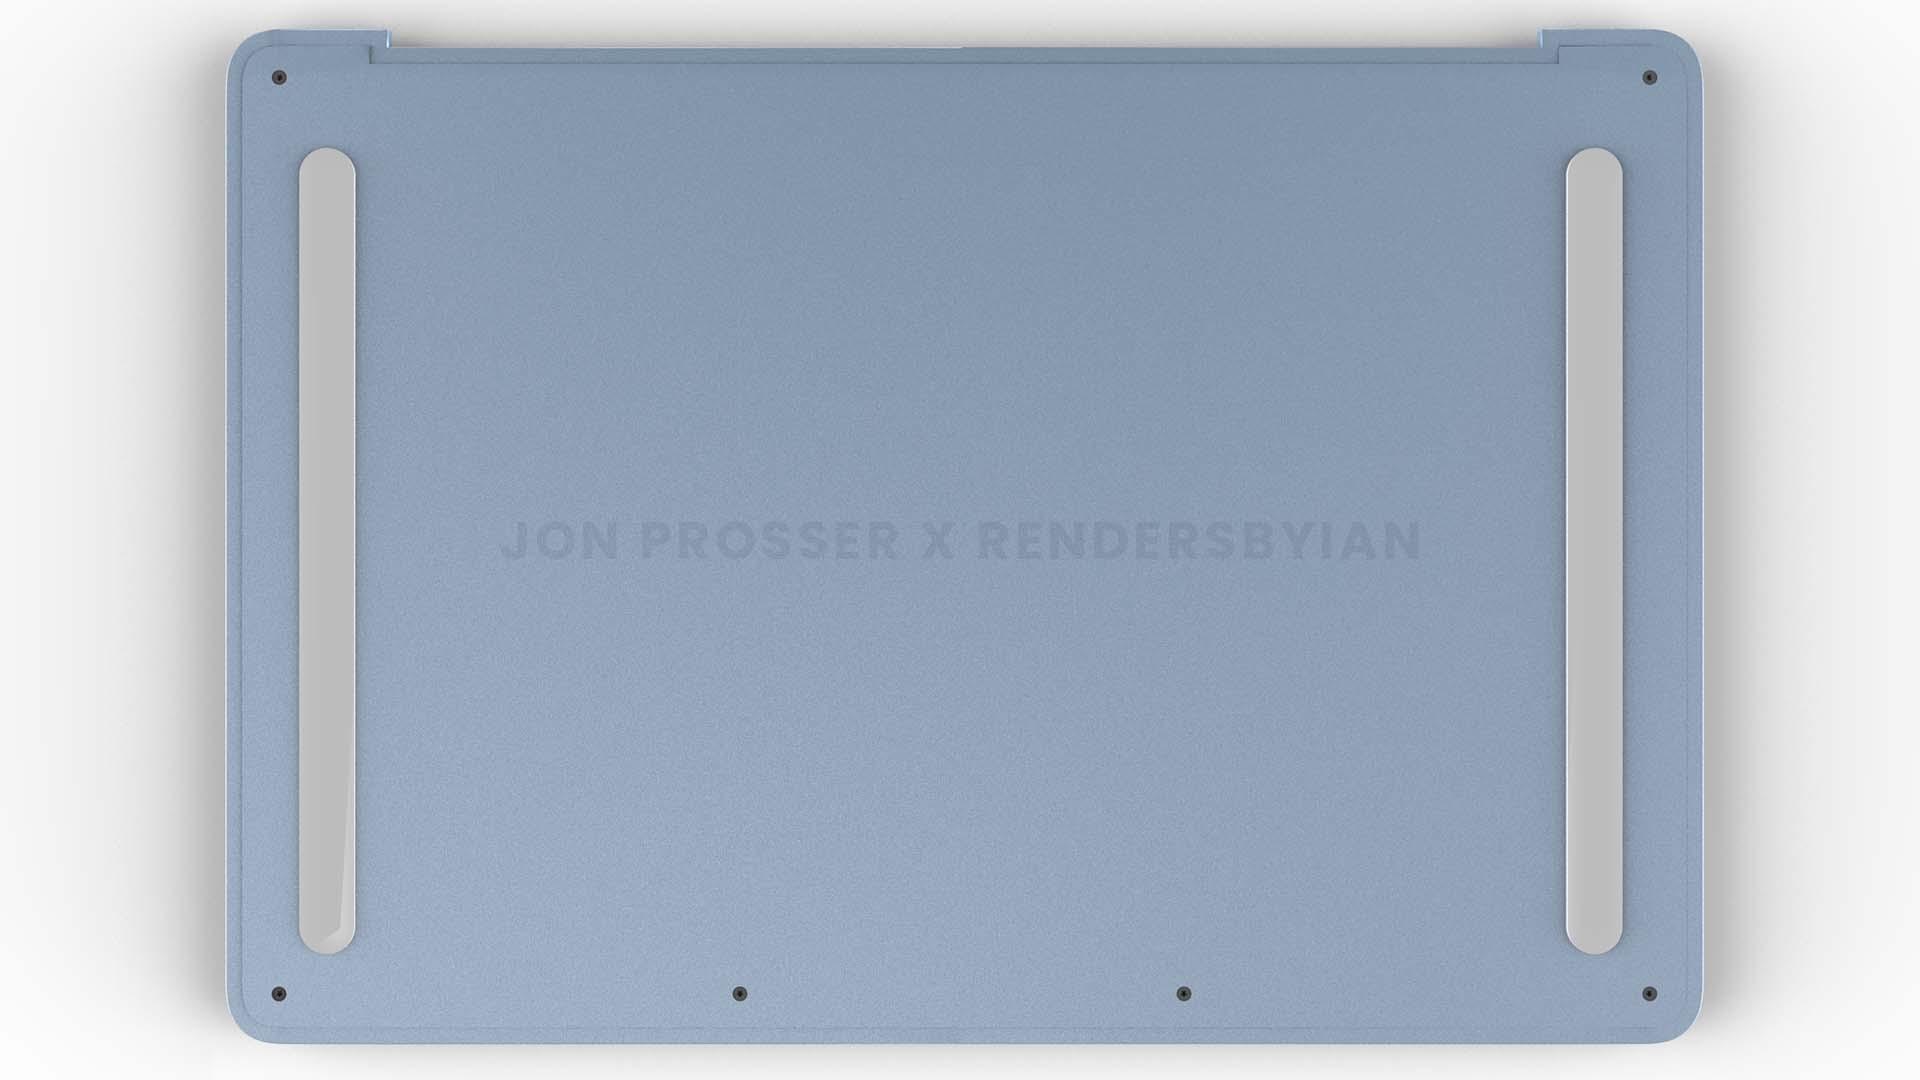 Parte inferior do novo MacBook Air com processador M2